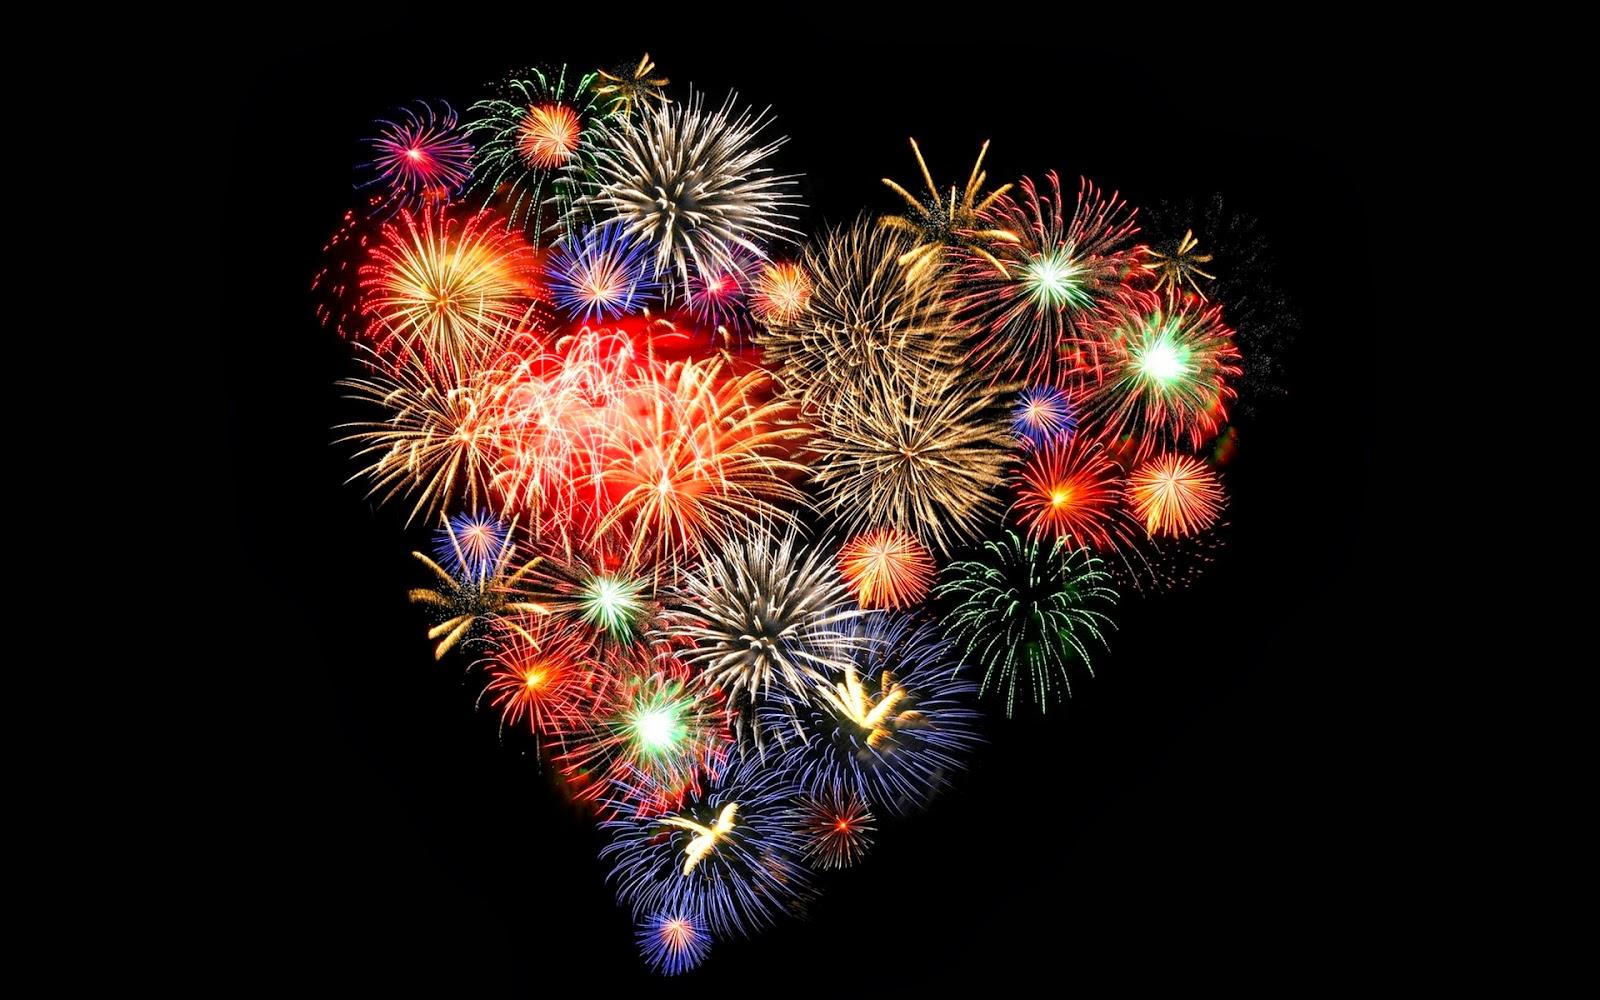 fireworks-heart-wallpaper.jpg